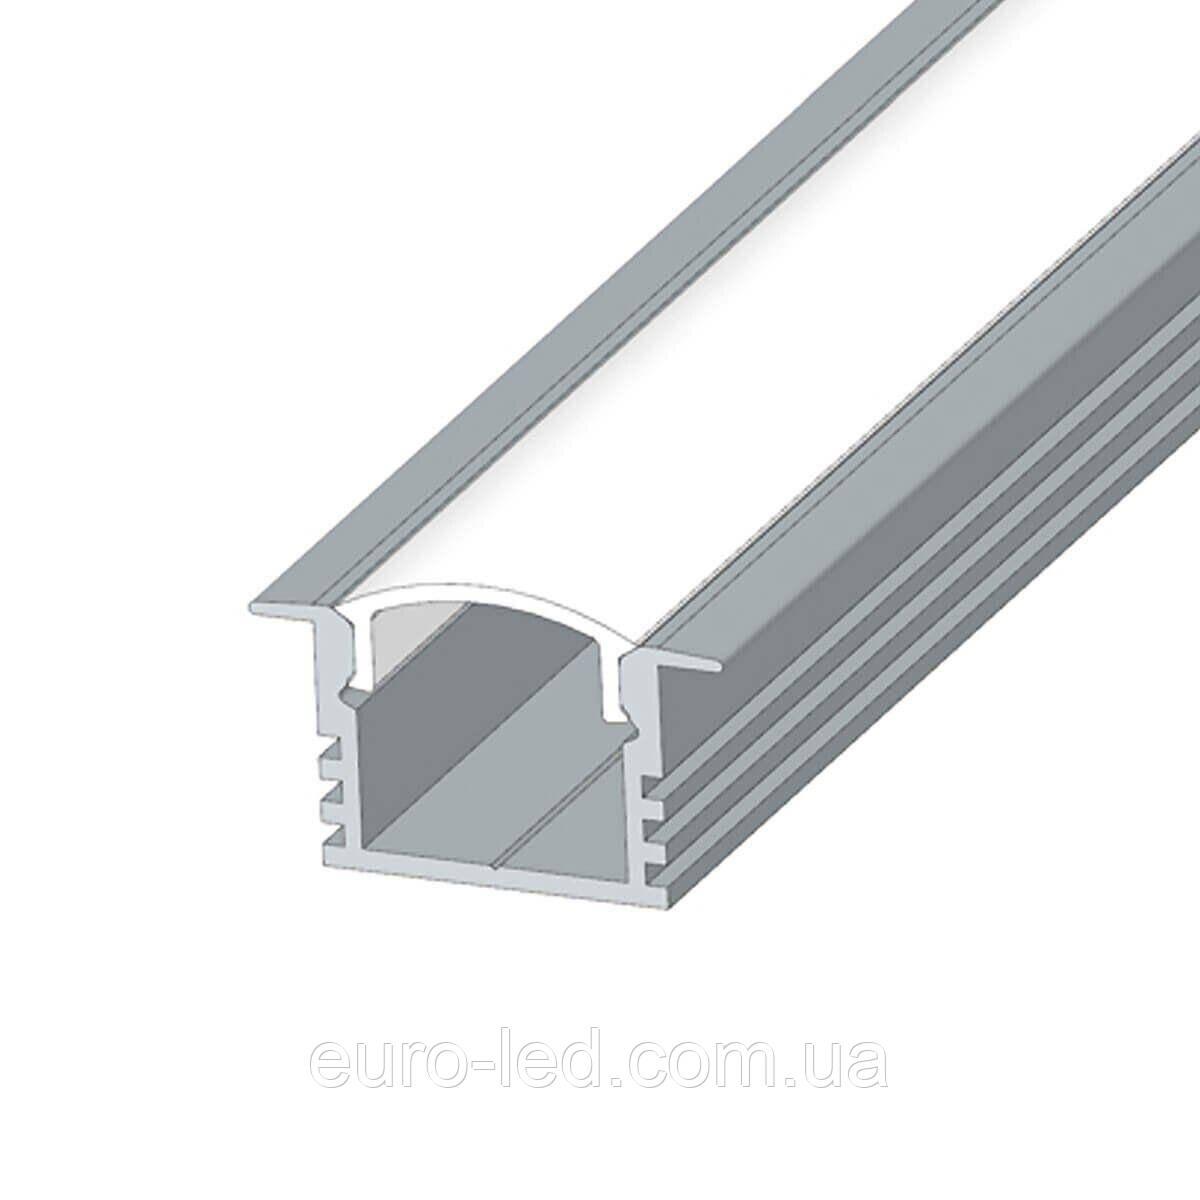 Комплект. Профиль алюминиевый анодированный LED LPV-12 + рассеиватель